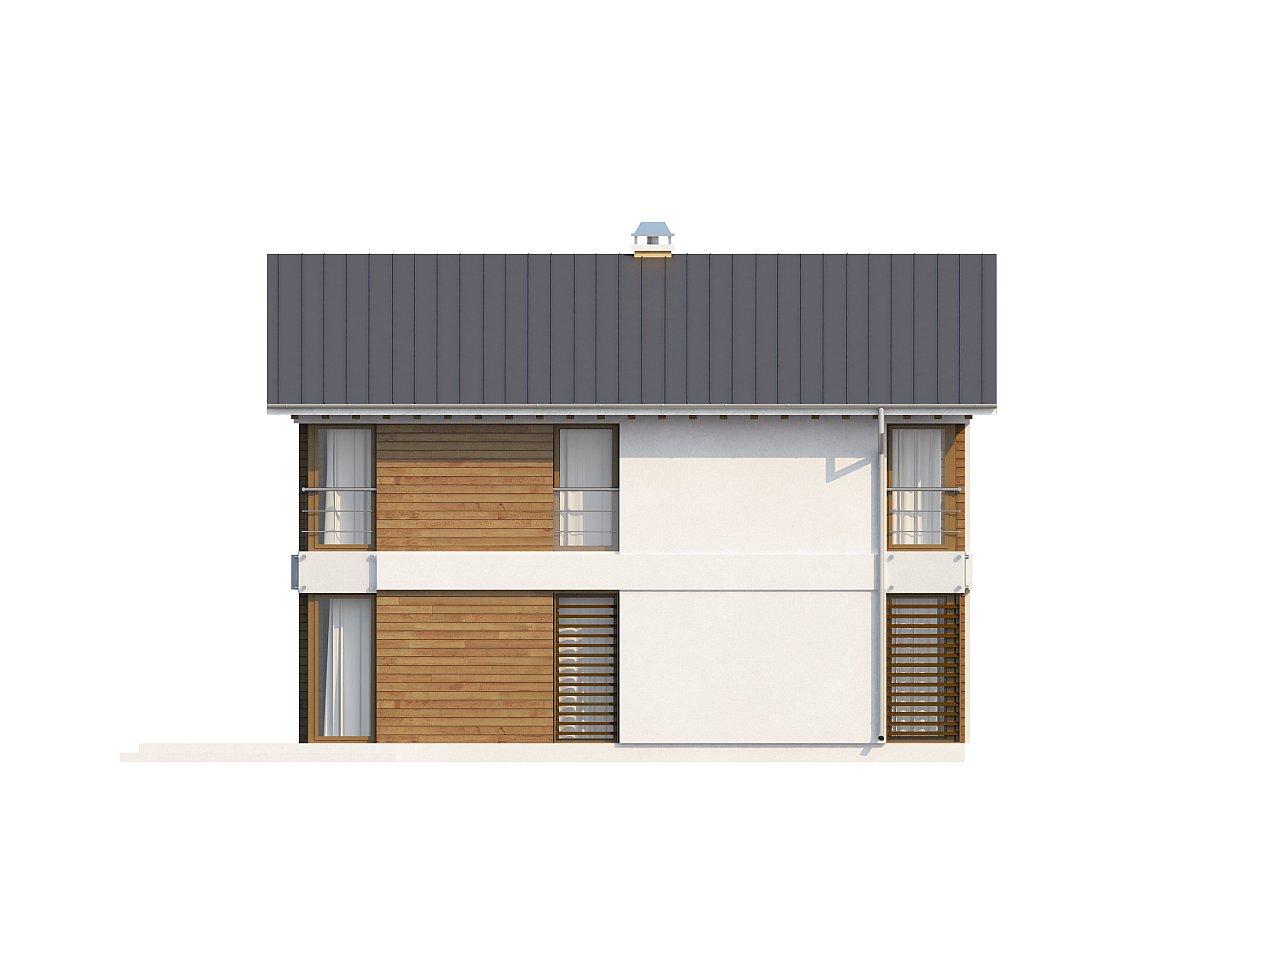 Компактный двухэтажный дом с большими окнами, подходящий для узкого участка. 6